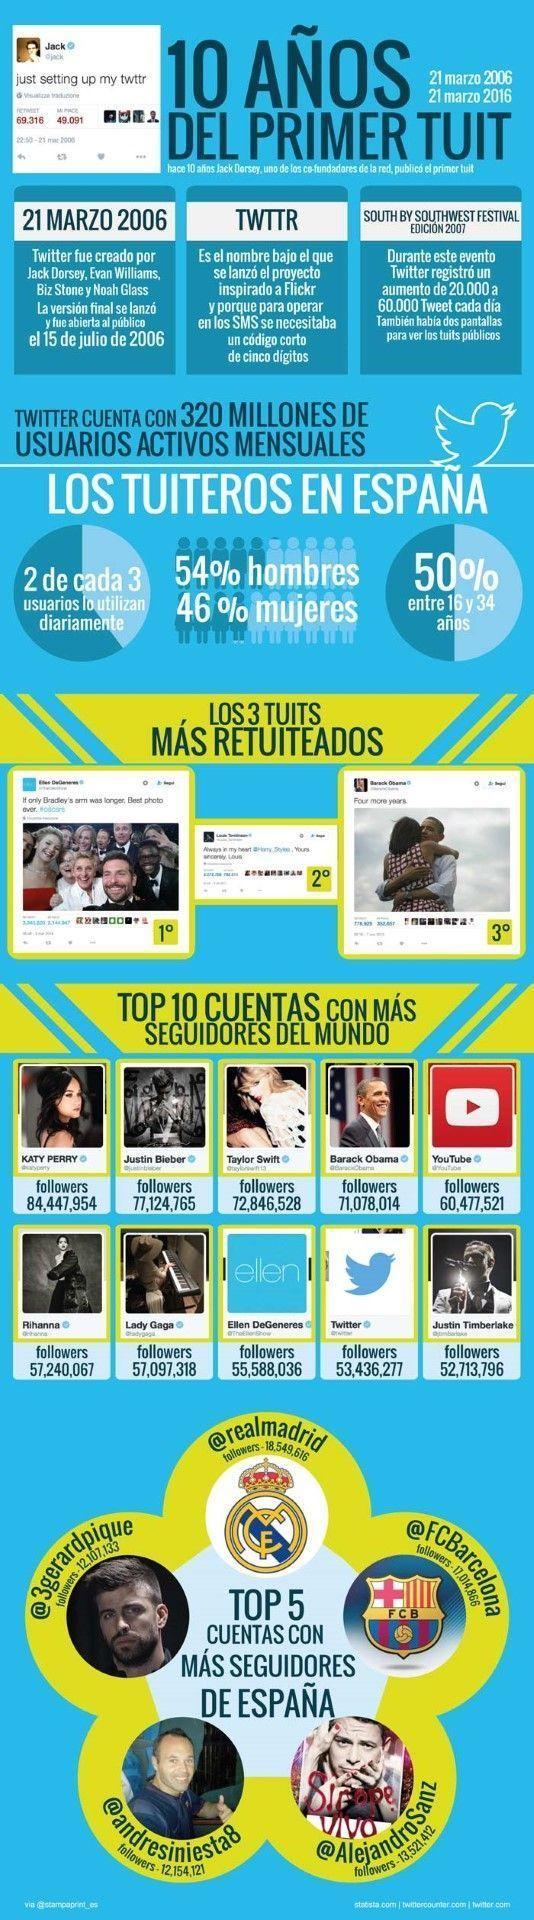 10 aniversario de Twitter vía Stampaprint